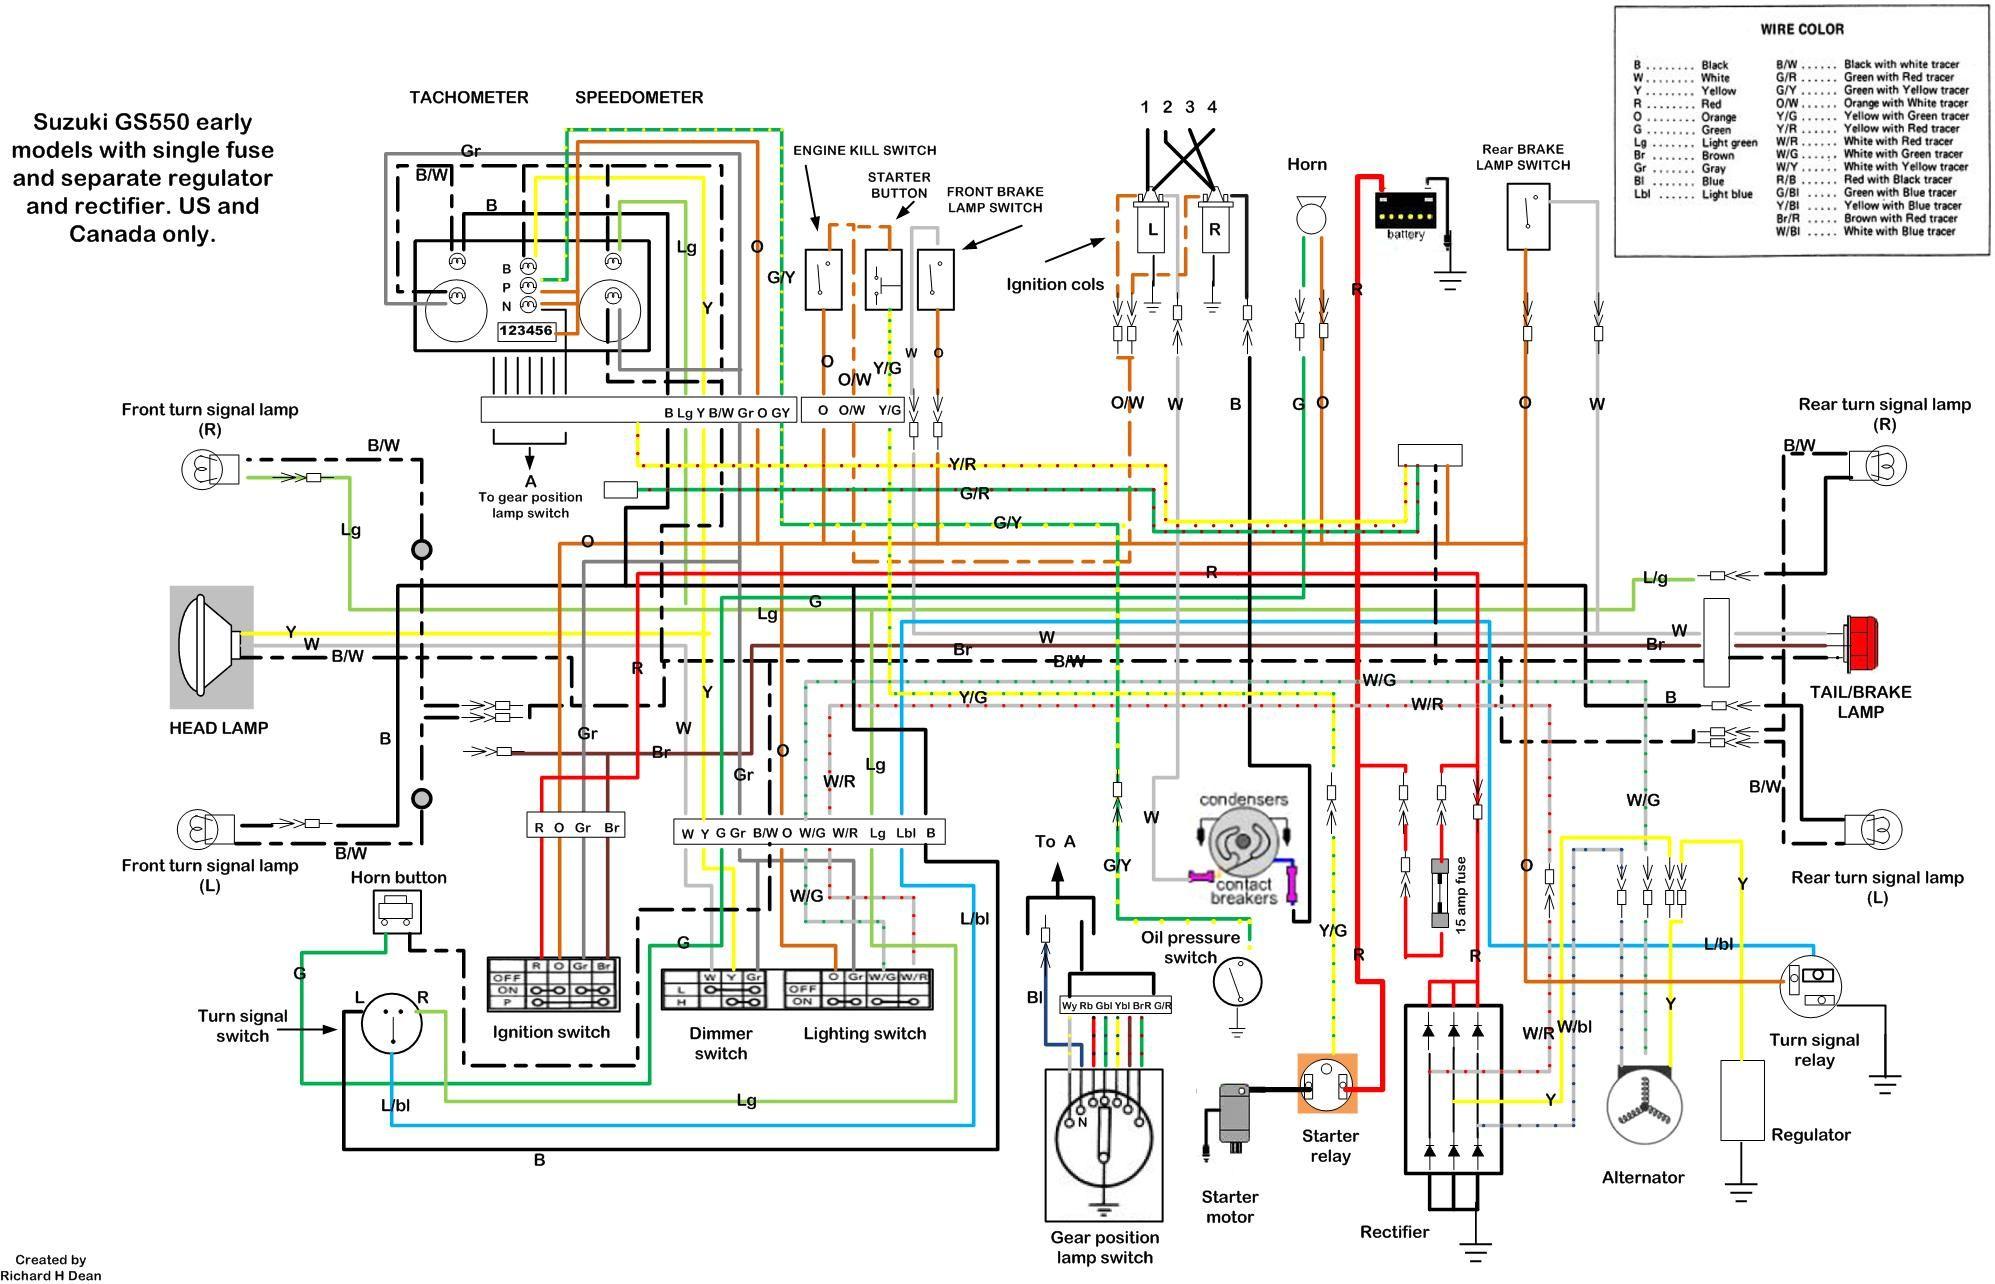 1981 suzuki gs 550 suzuki marauder wiring diagram 1976 suzuki 750 gs gs550 wiring diagram wiring diagram rh 04 siezendevisser nl